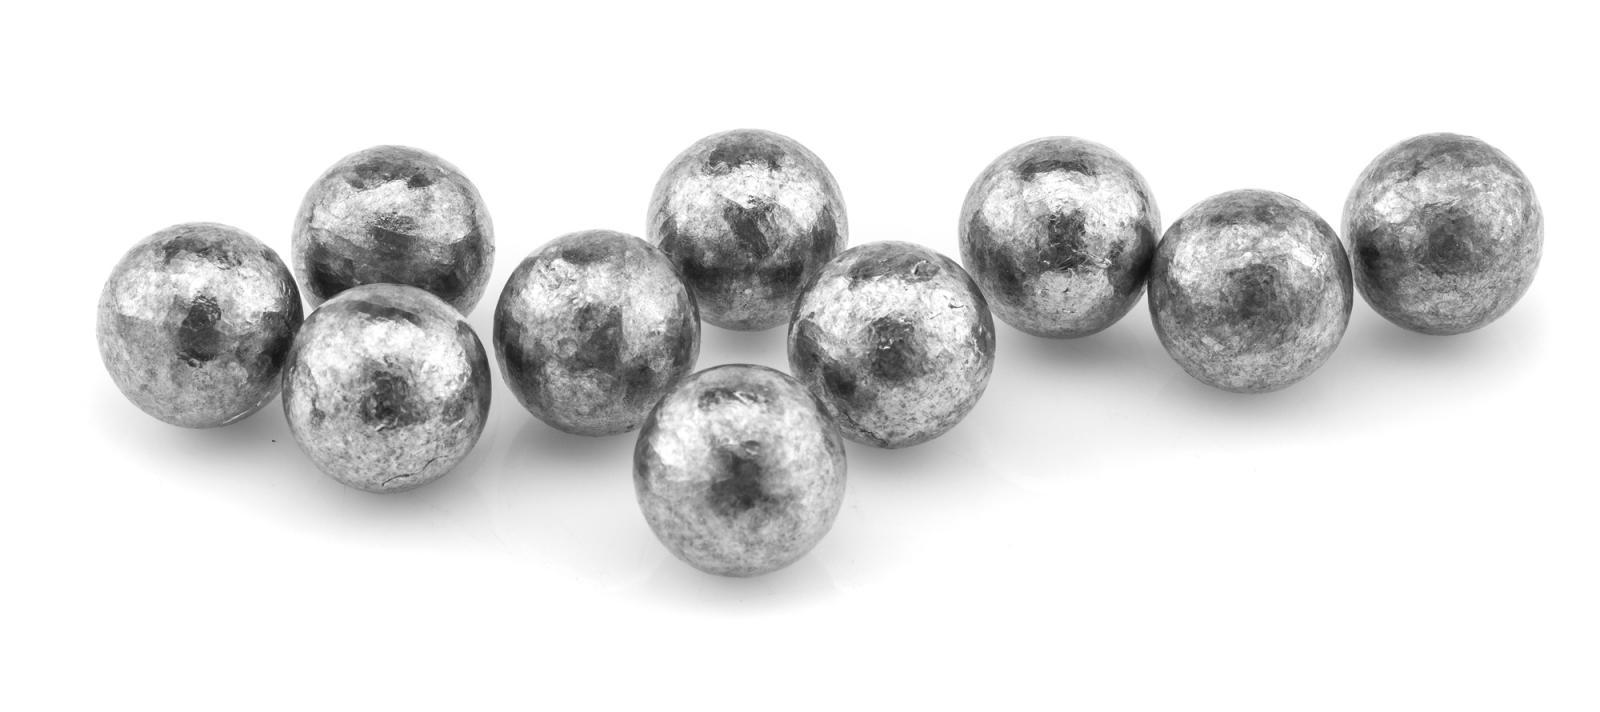 Boite de 100 balles rondes PEDERSOLI cal. 454 USA520454